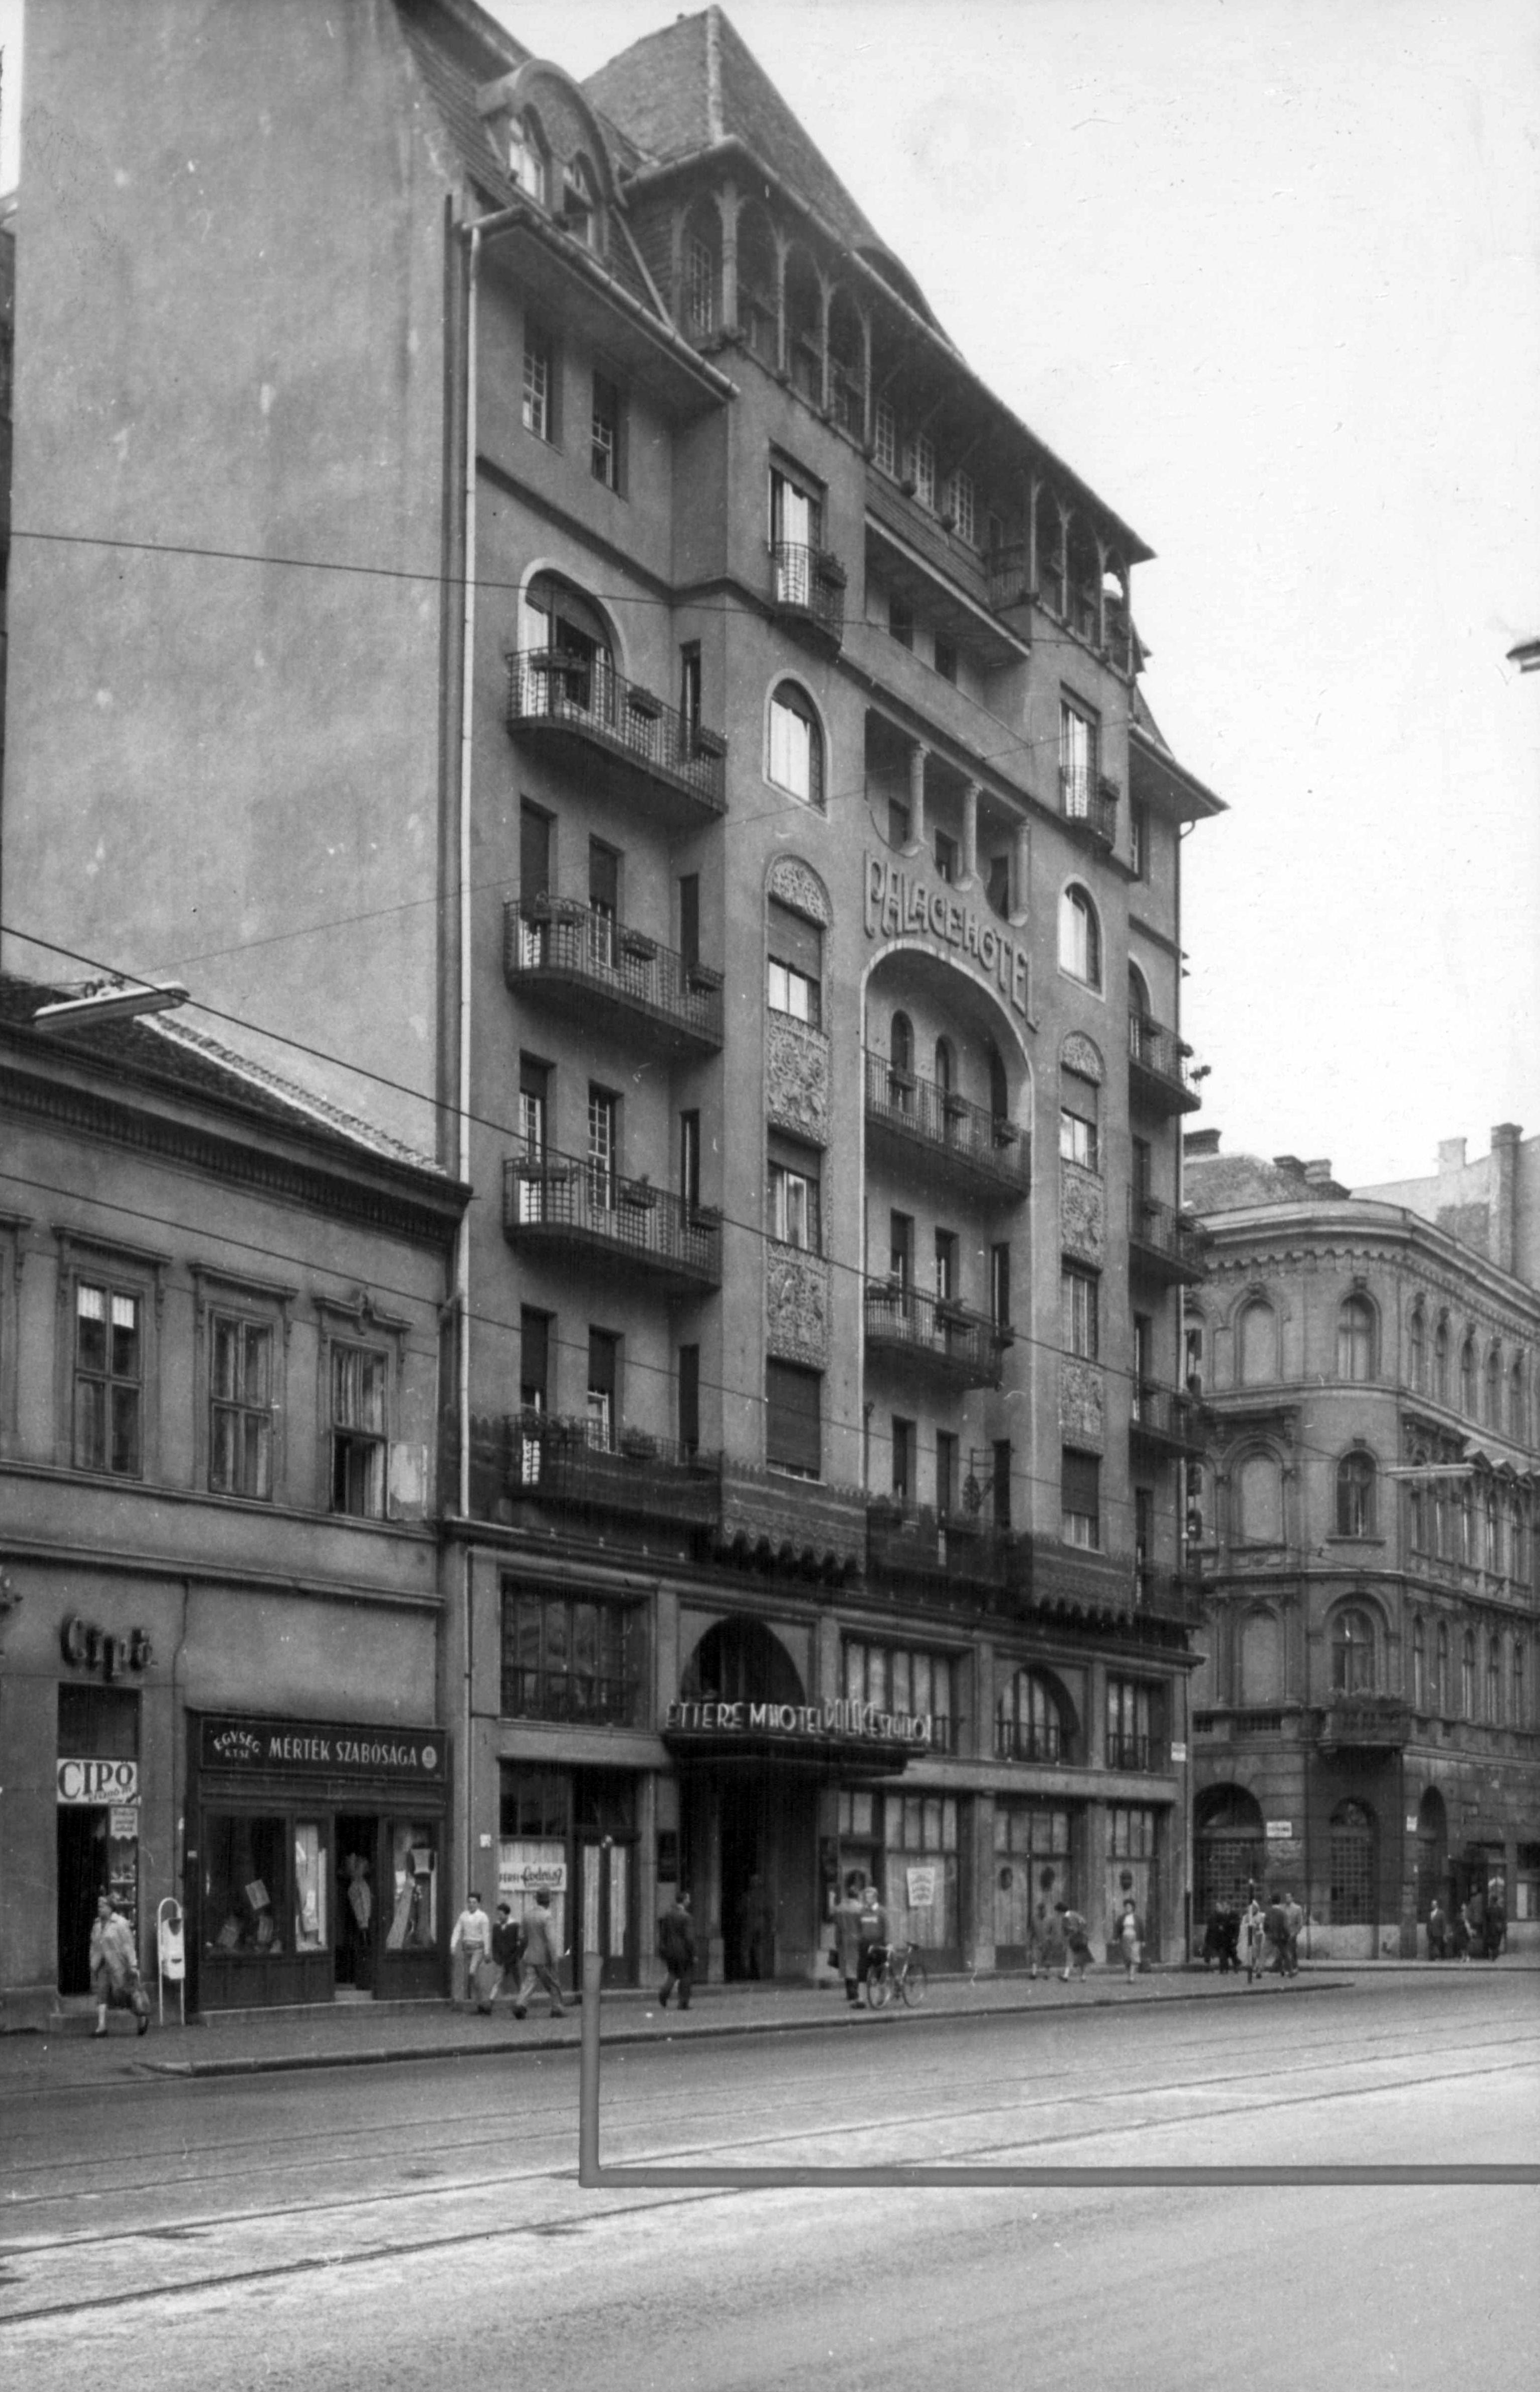 Itt még a szomszédos épület jóval alacsonyabb volt. Kép: Wikimedia Commons